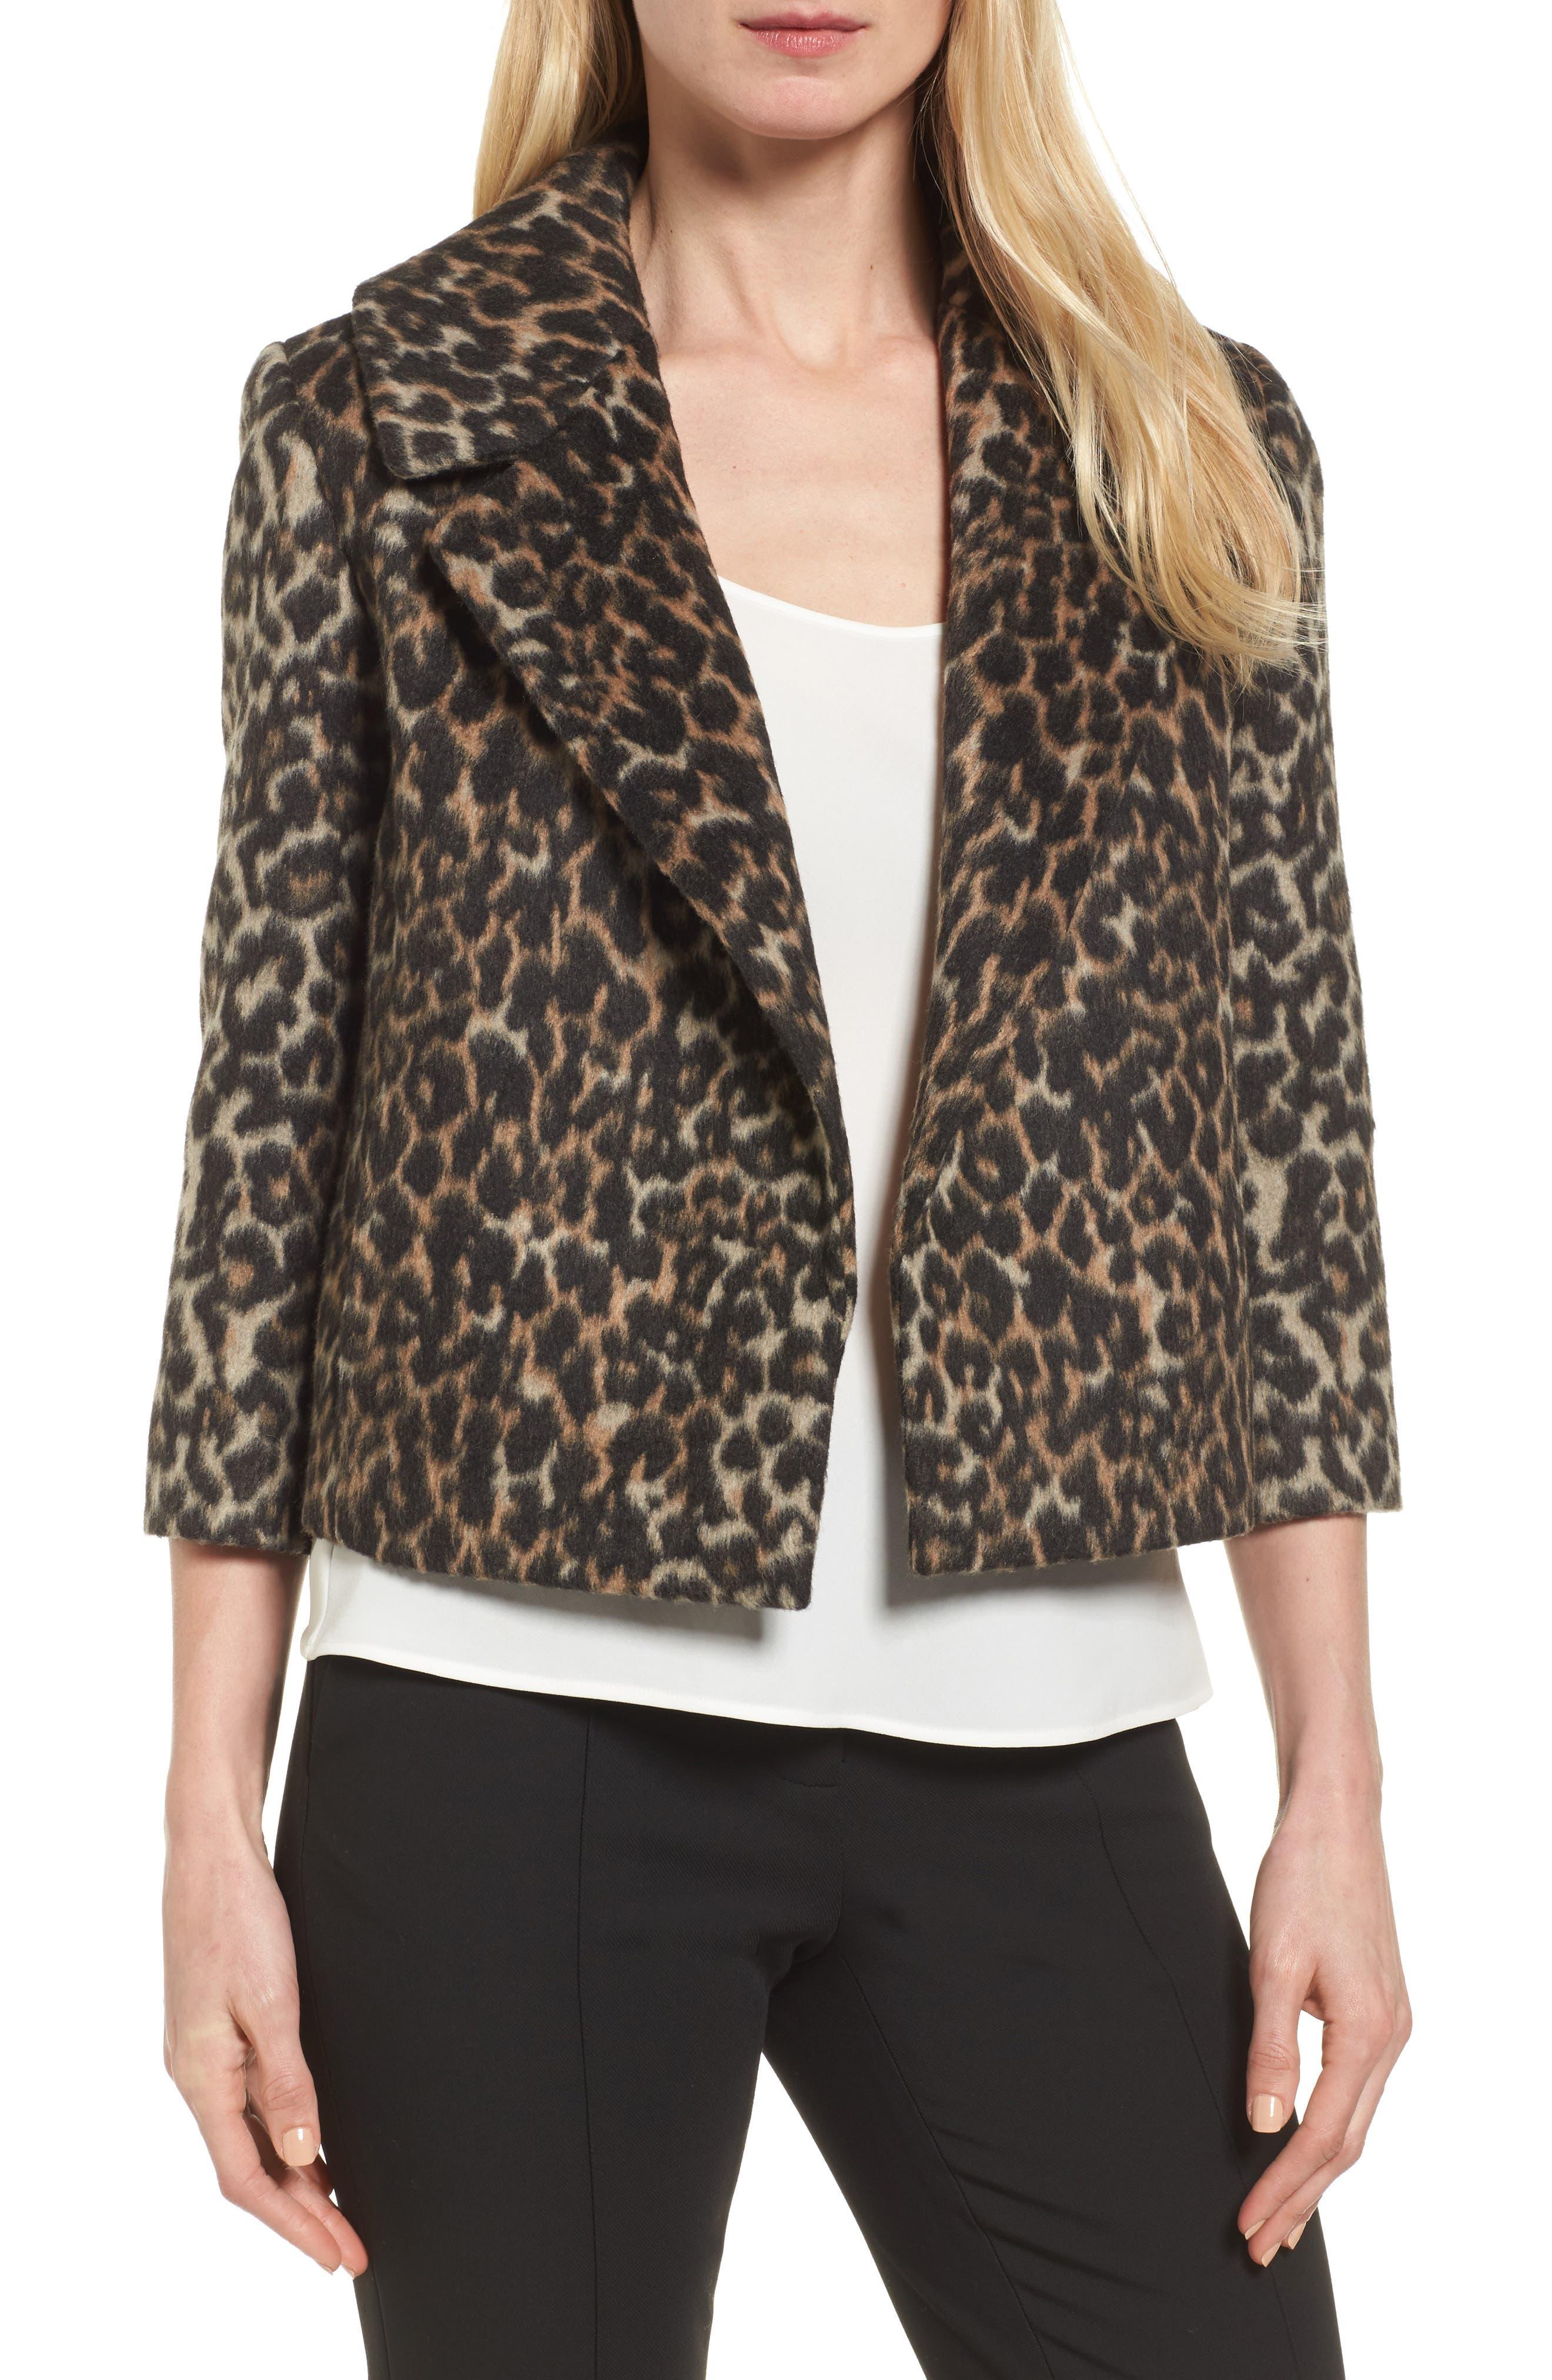 Emerson Rose Leopard Print Faux Fur Jacket - EMERSON ROSE